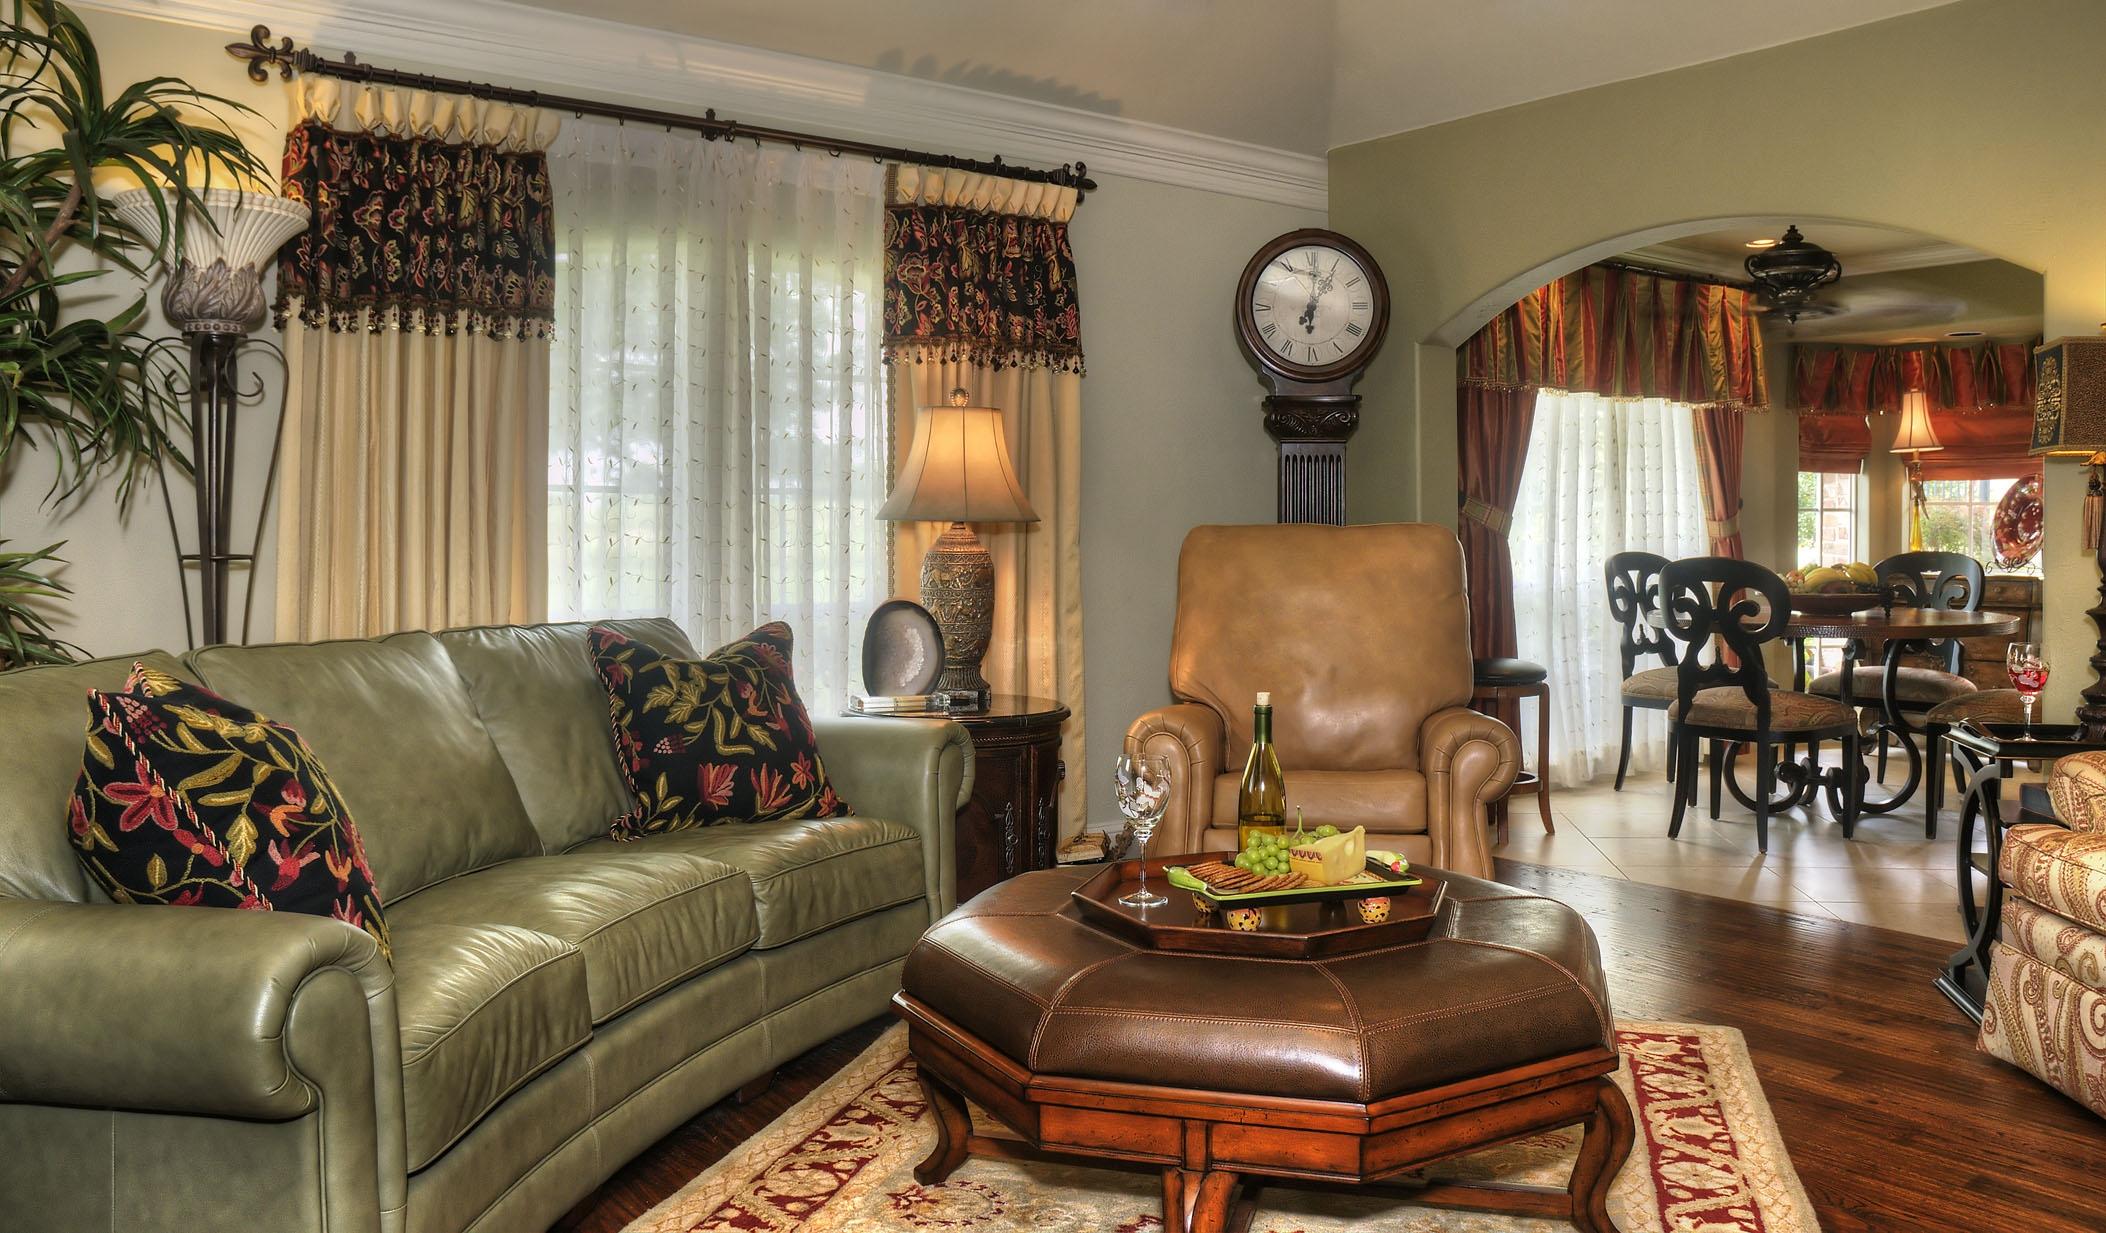 Do\u0027s \u0026 Don\u0027ts of Successful Furniture Arranging! - Decorating Den ...